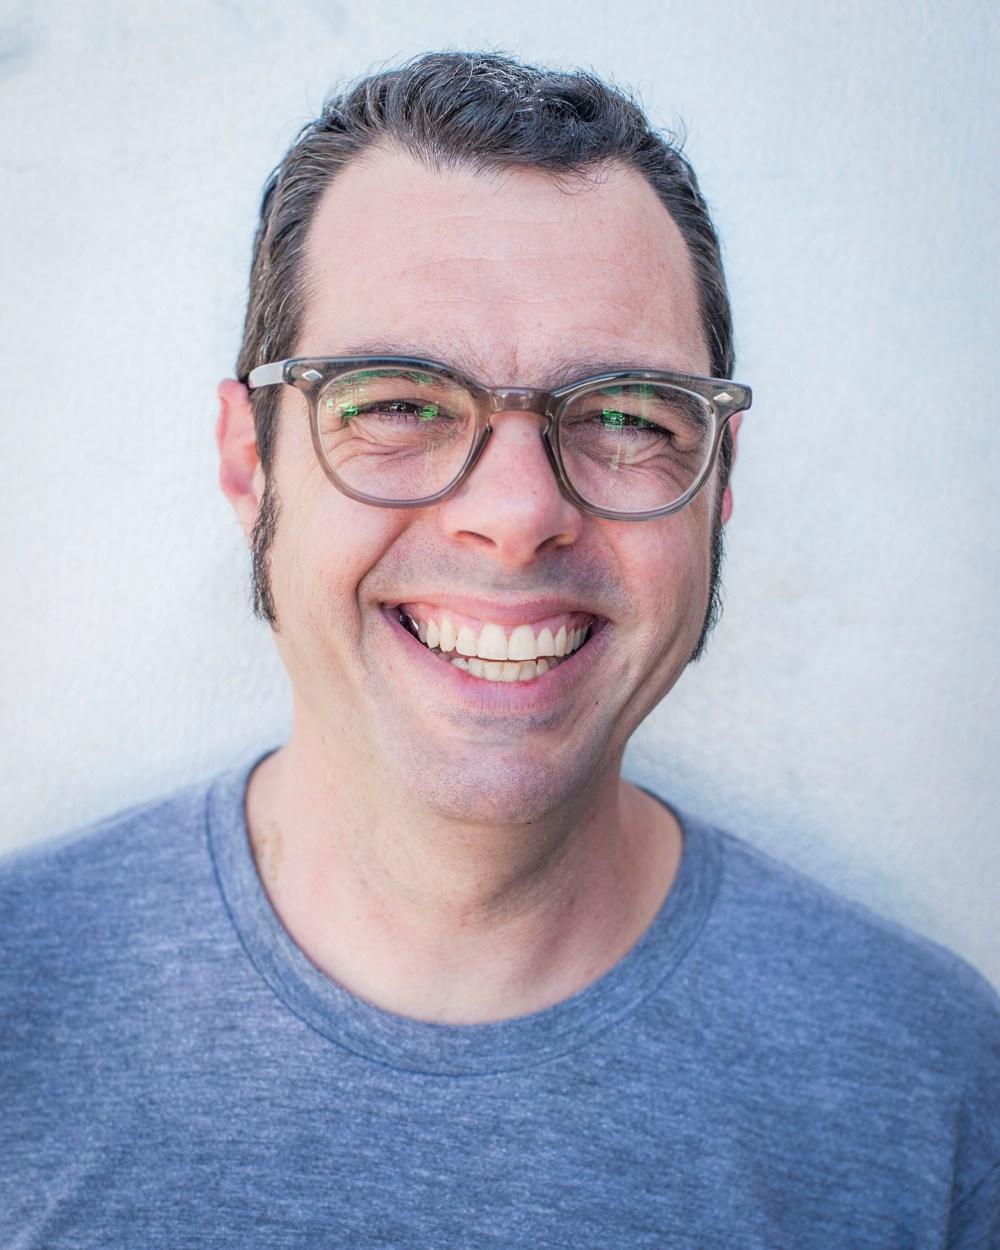 Aaron Franklin